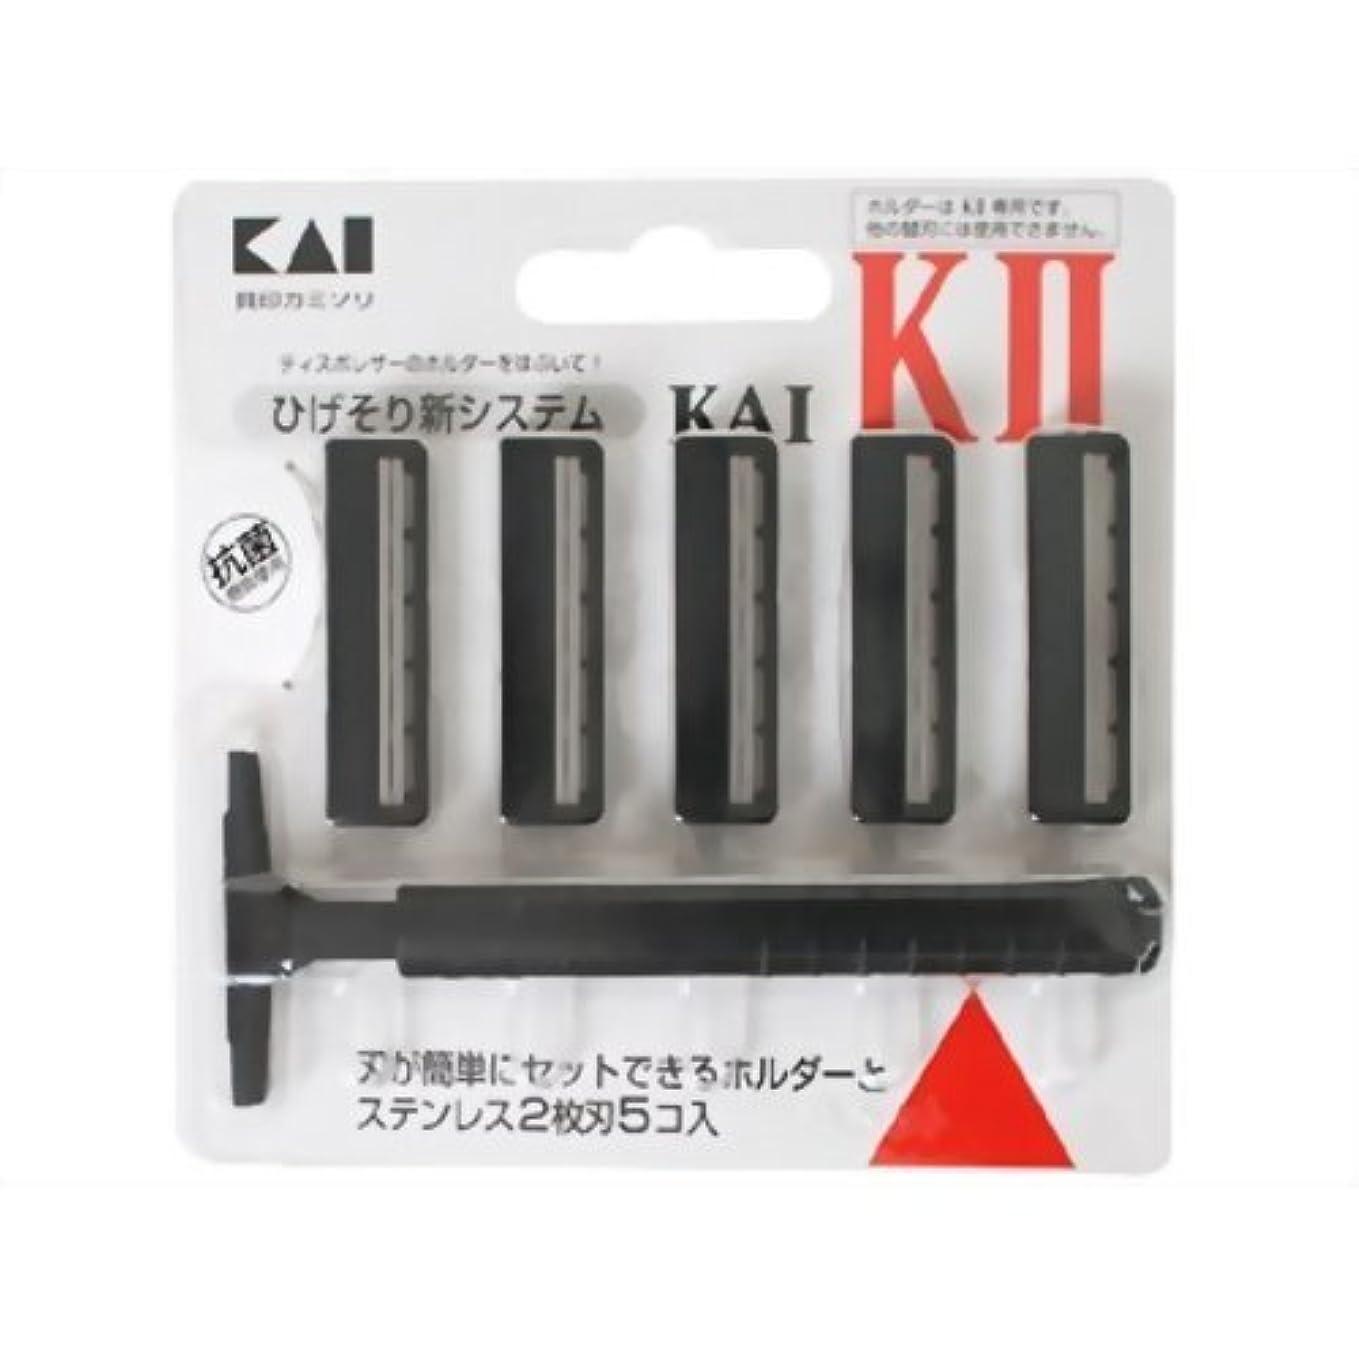 シンジケート運動かもめカミソリ KAI-K2 K2-5 ×10個セット